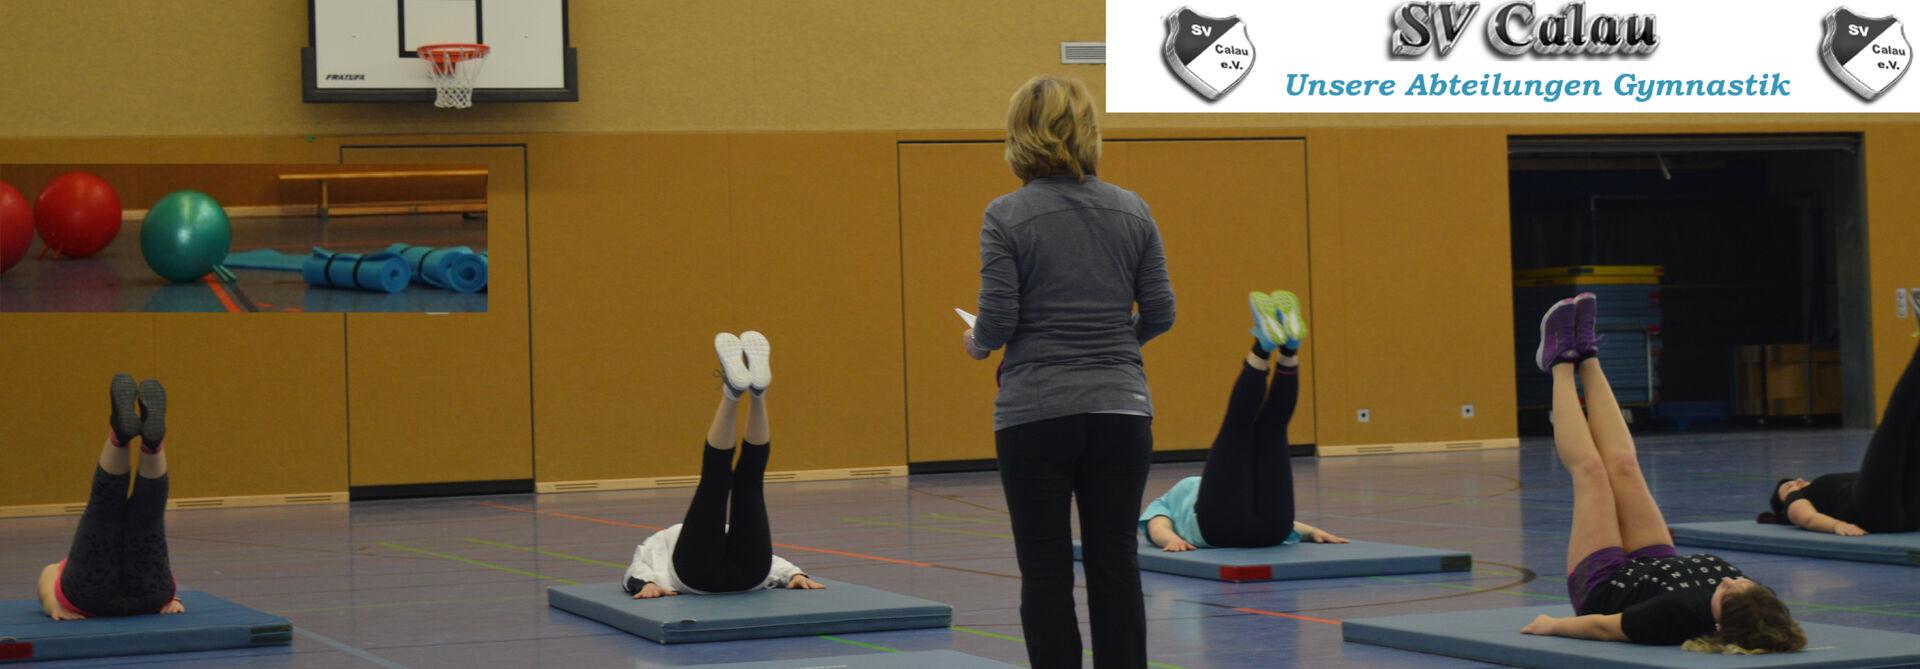 GymnastikgruppeI